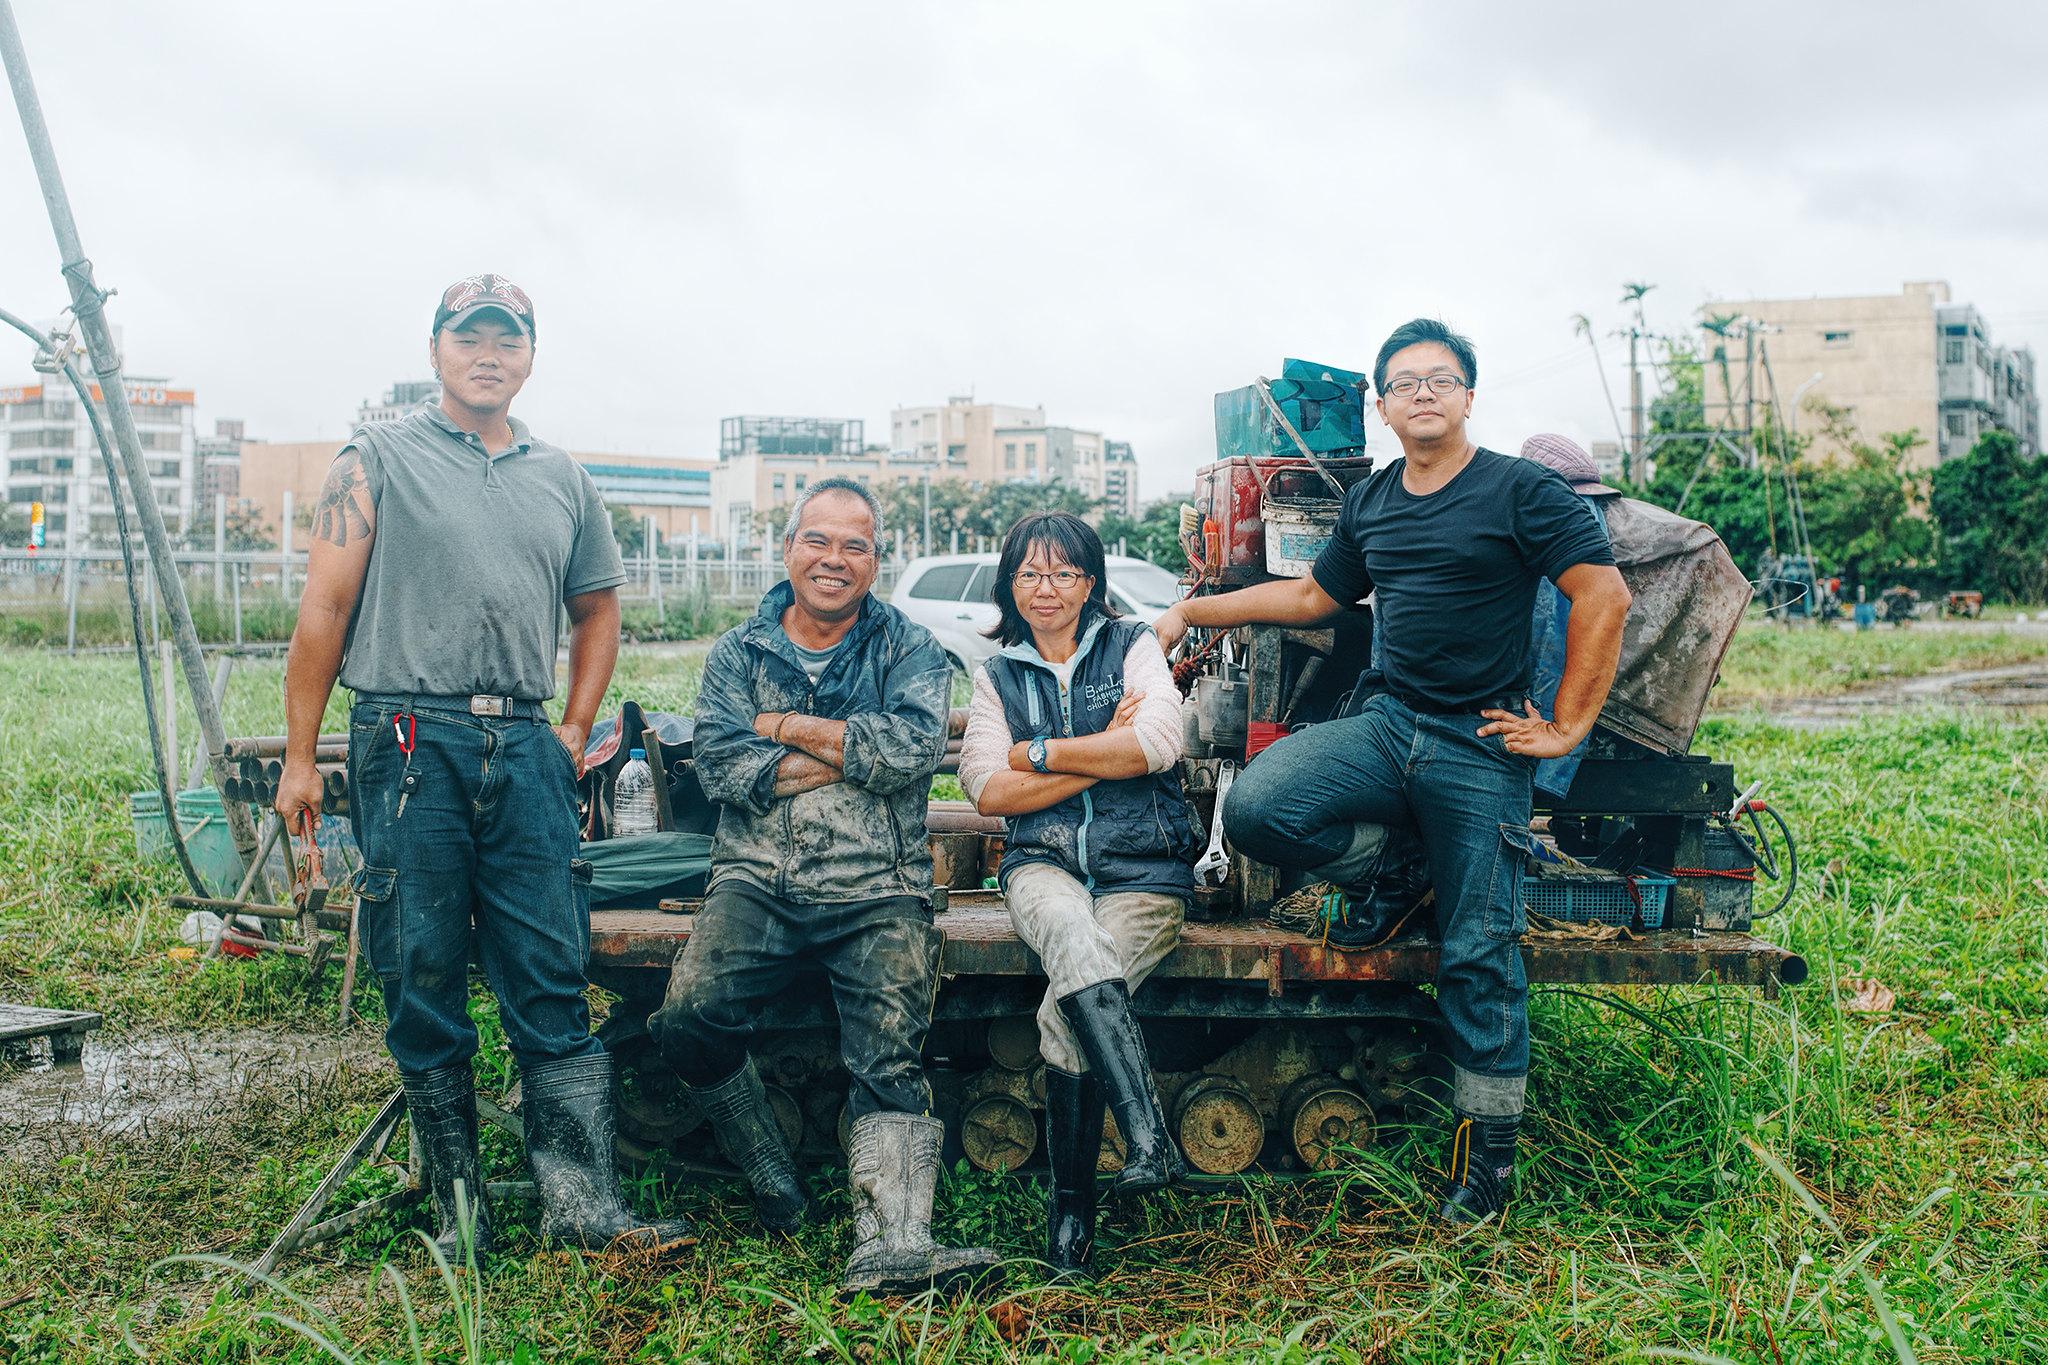 林立青與工人們。(圖片來源:寶瓶文化提供/攝影:賴小路)